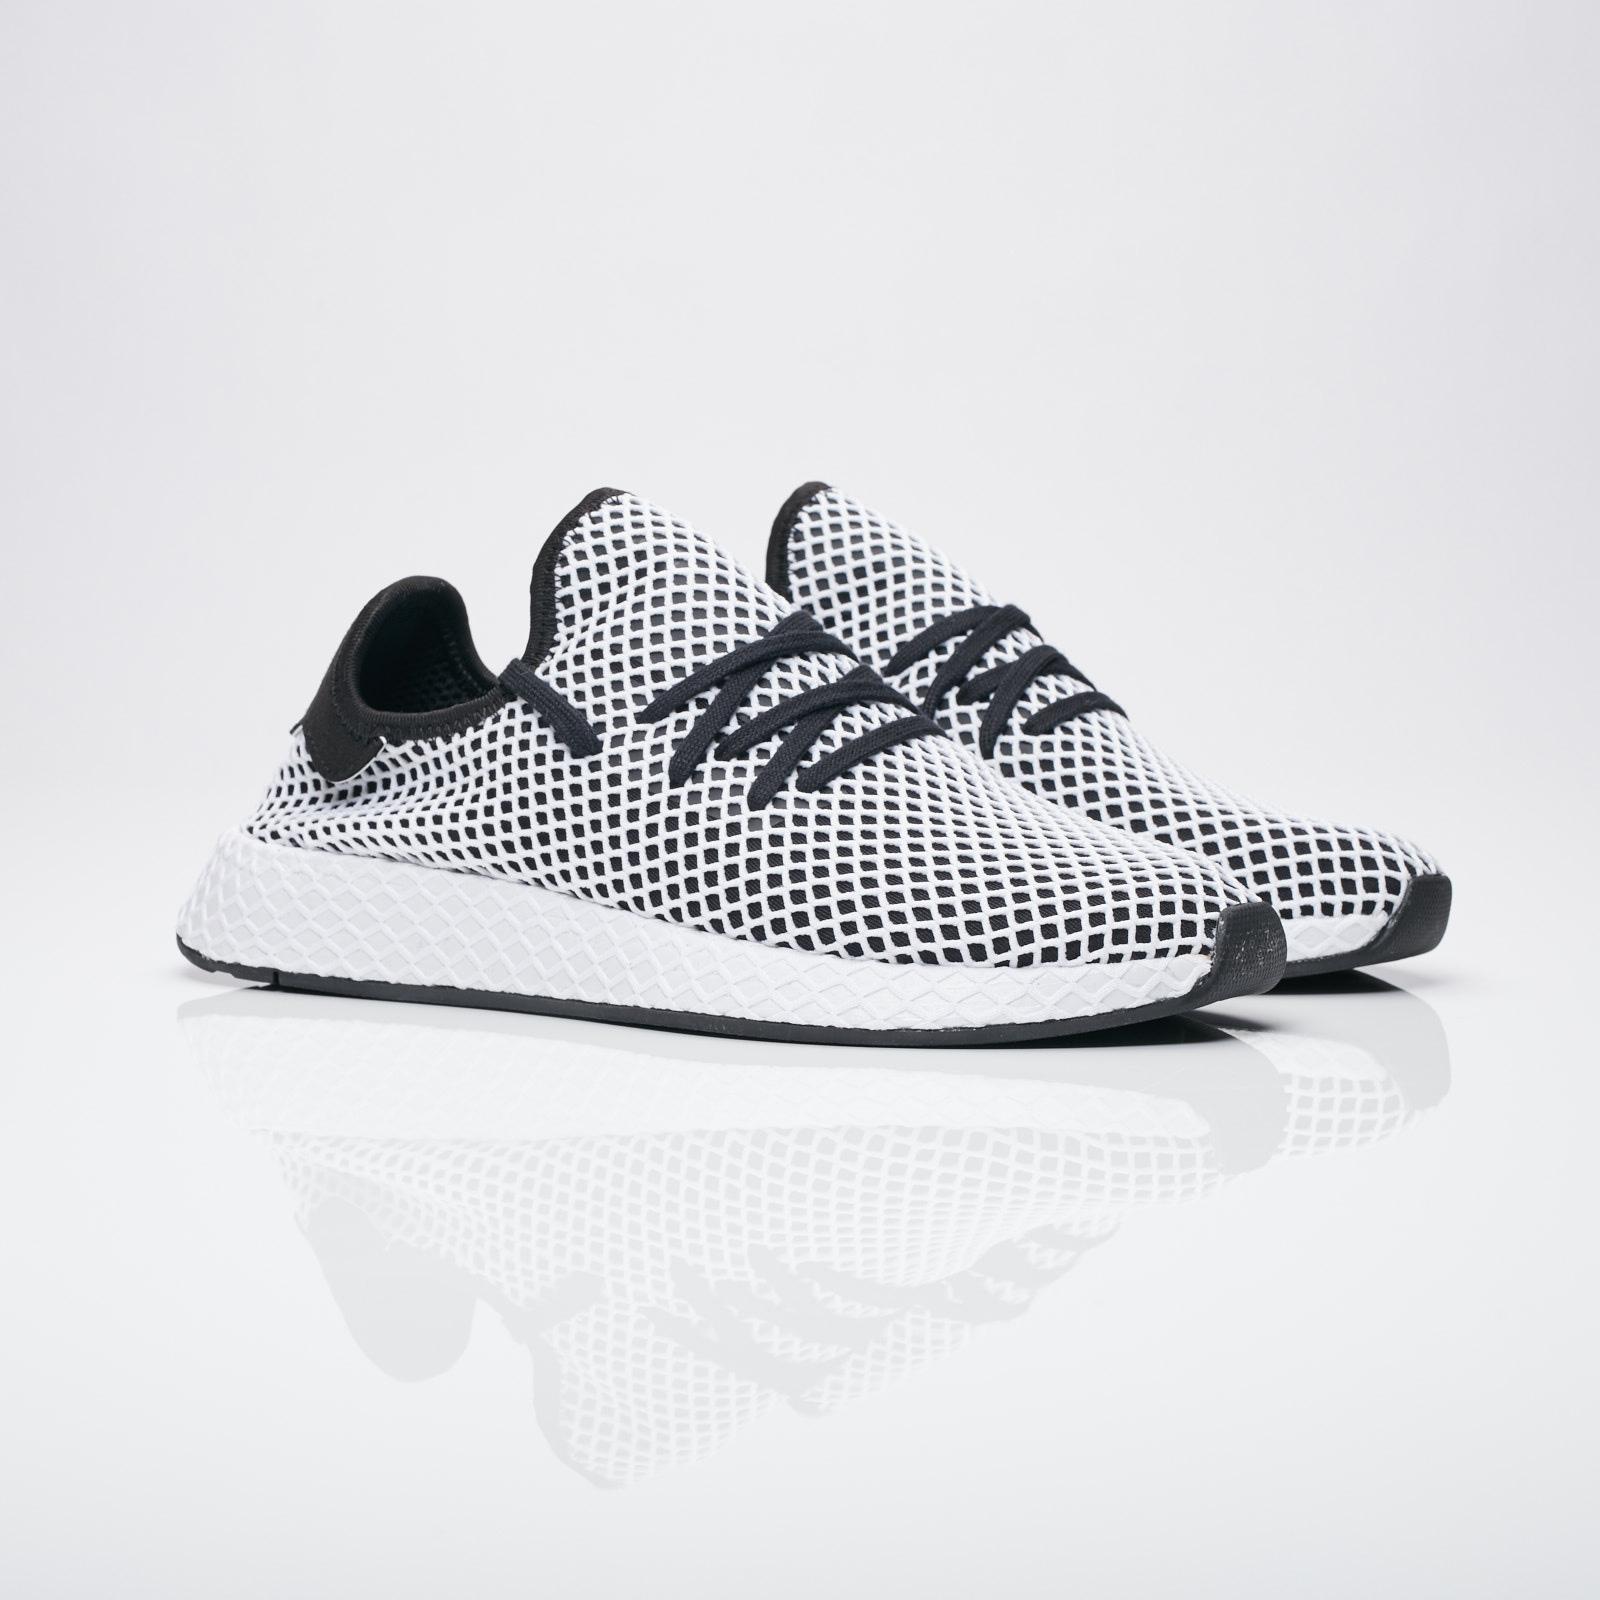 d35df78e0074e adidas Deerupt Runner - Cq2626 - Sneakersnstuff